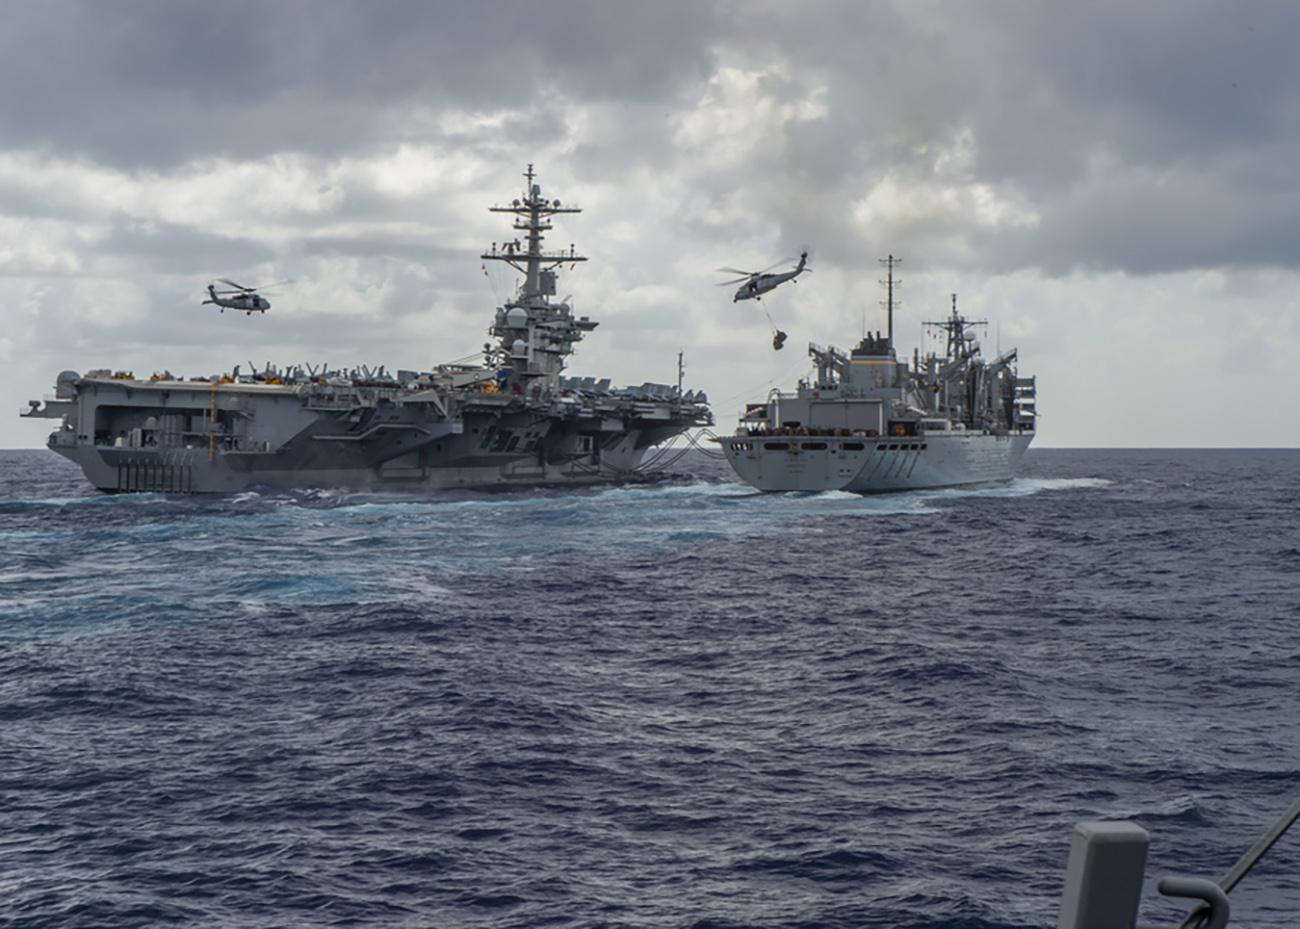 «Έκπληξη» από το US Navy: Μιλά για «θετική συνεργασία» με Ρωσία στην Αρκτική